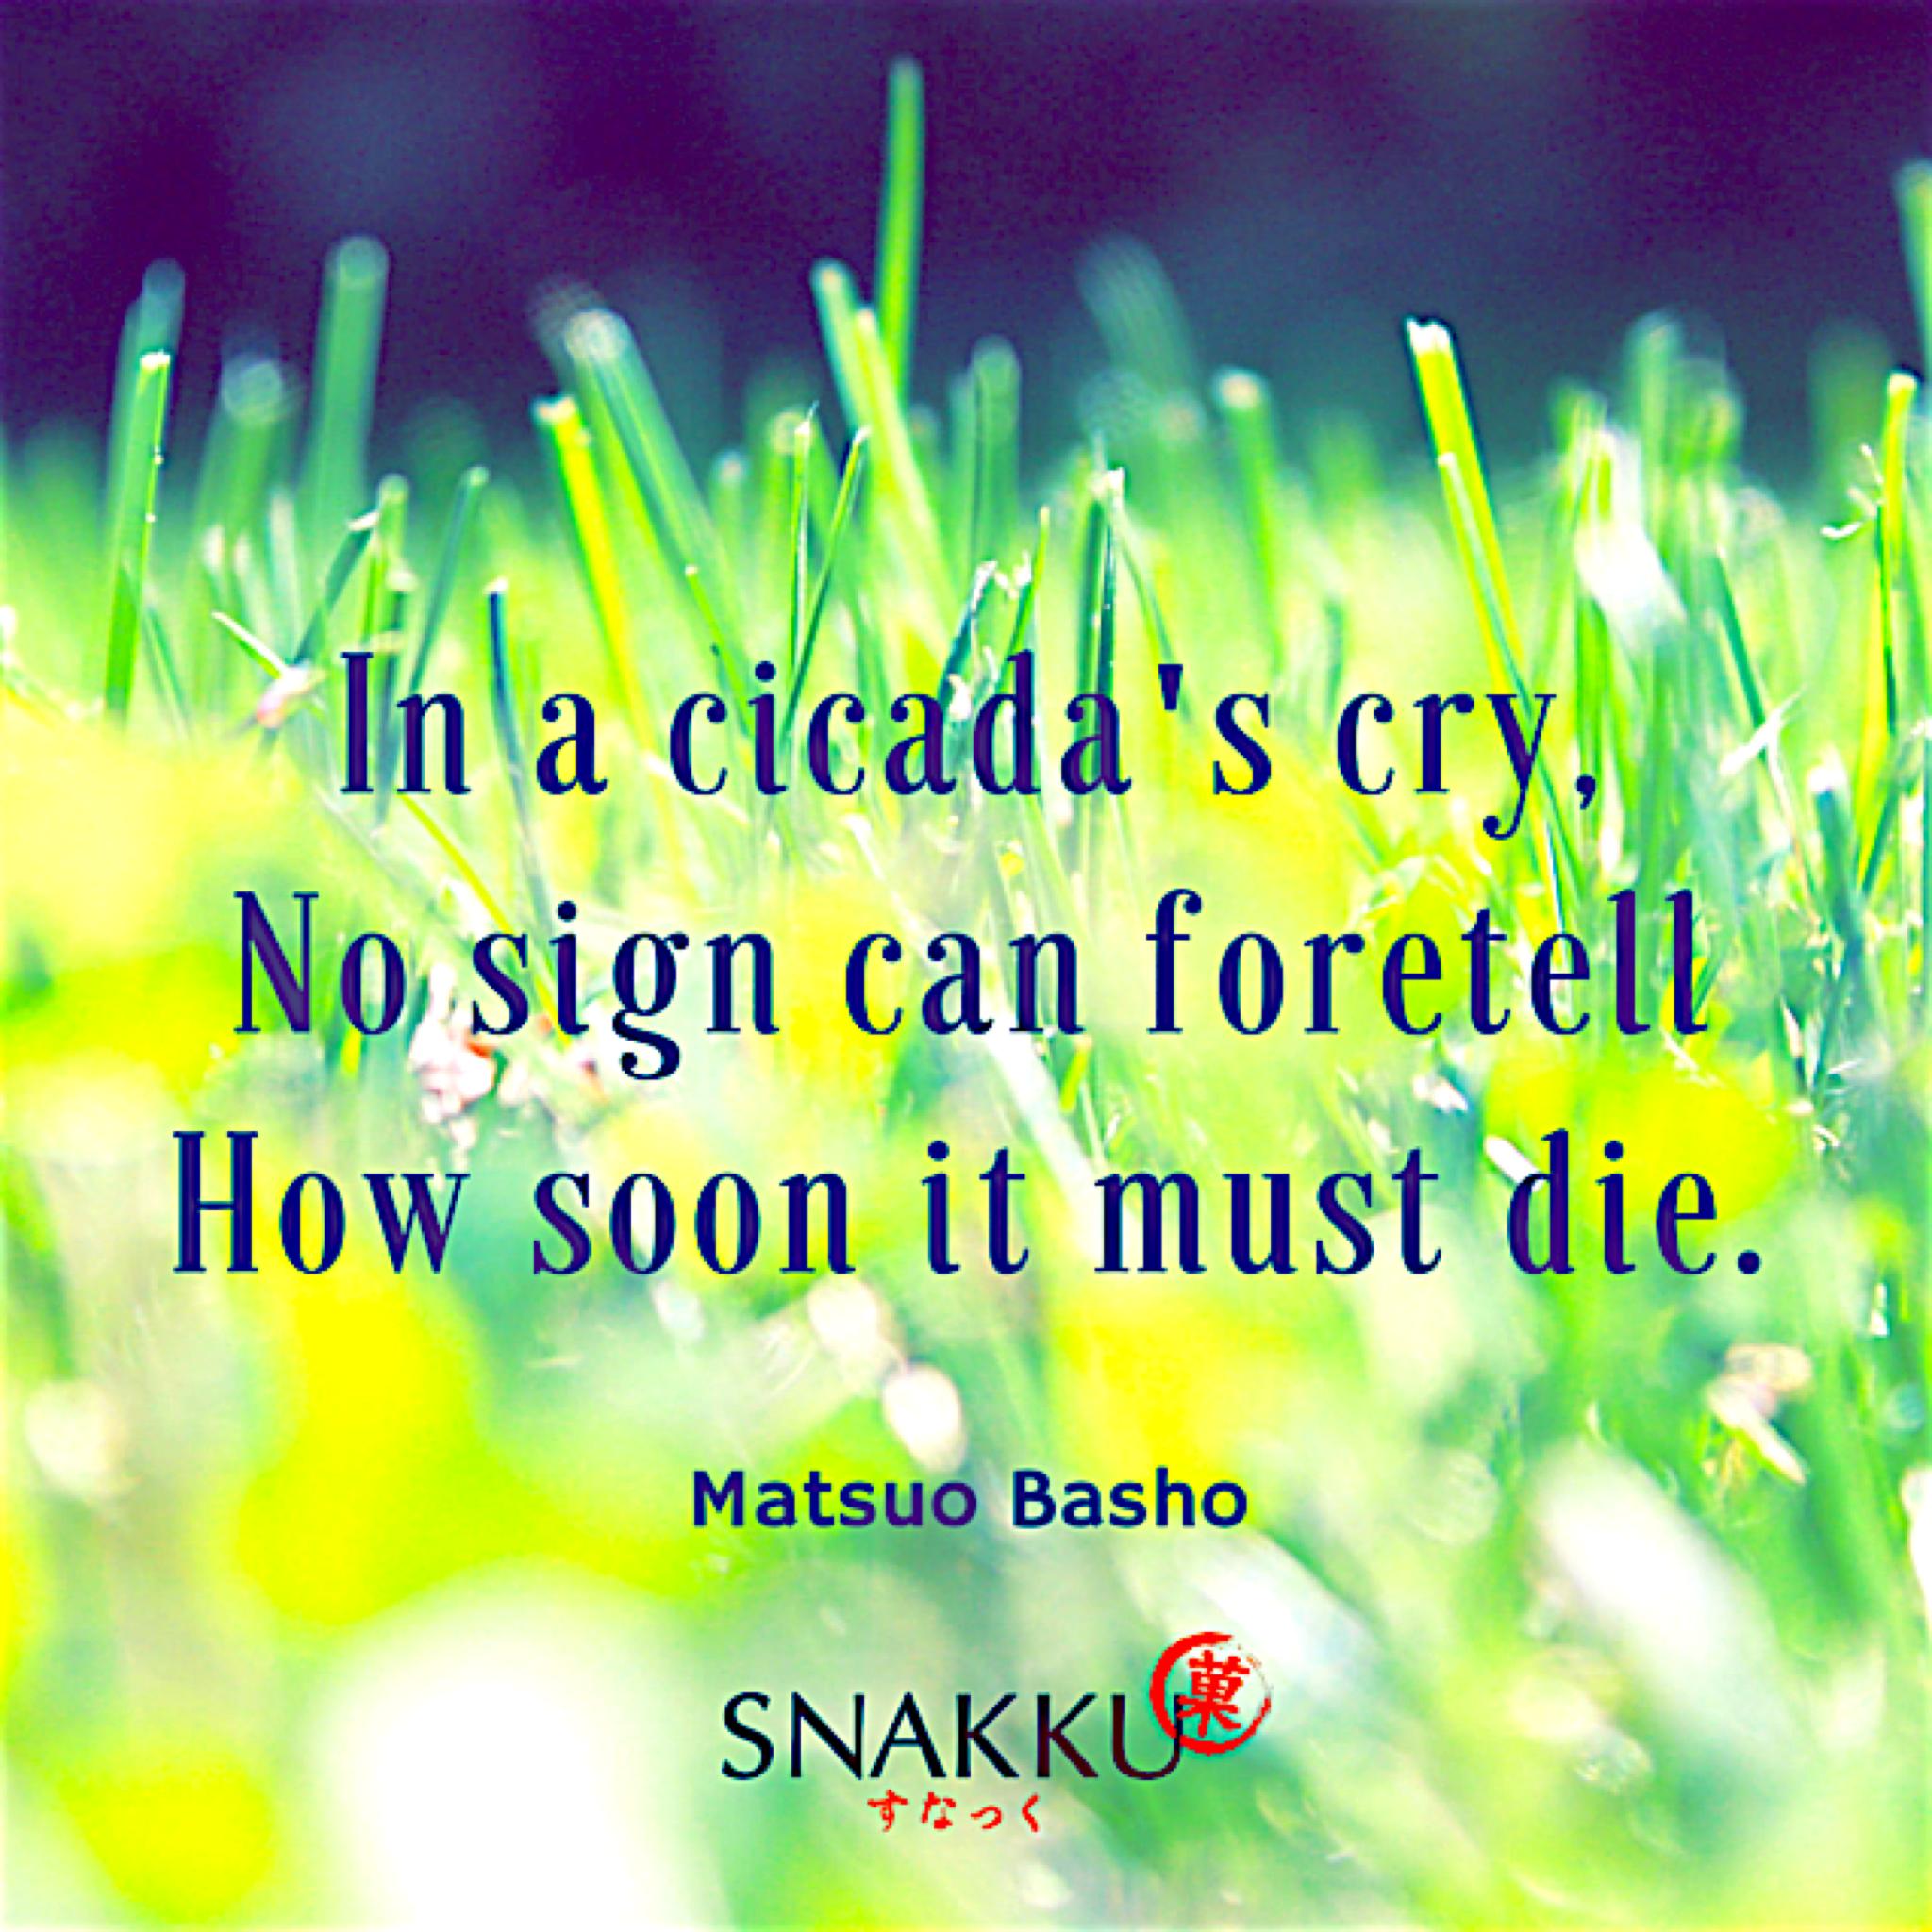 Japanese Haiku Poem By Matsuo Basho Showing The Fragility